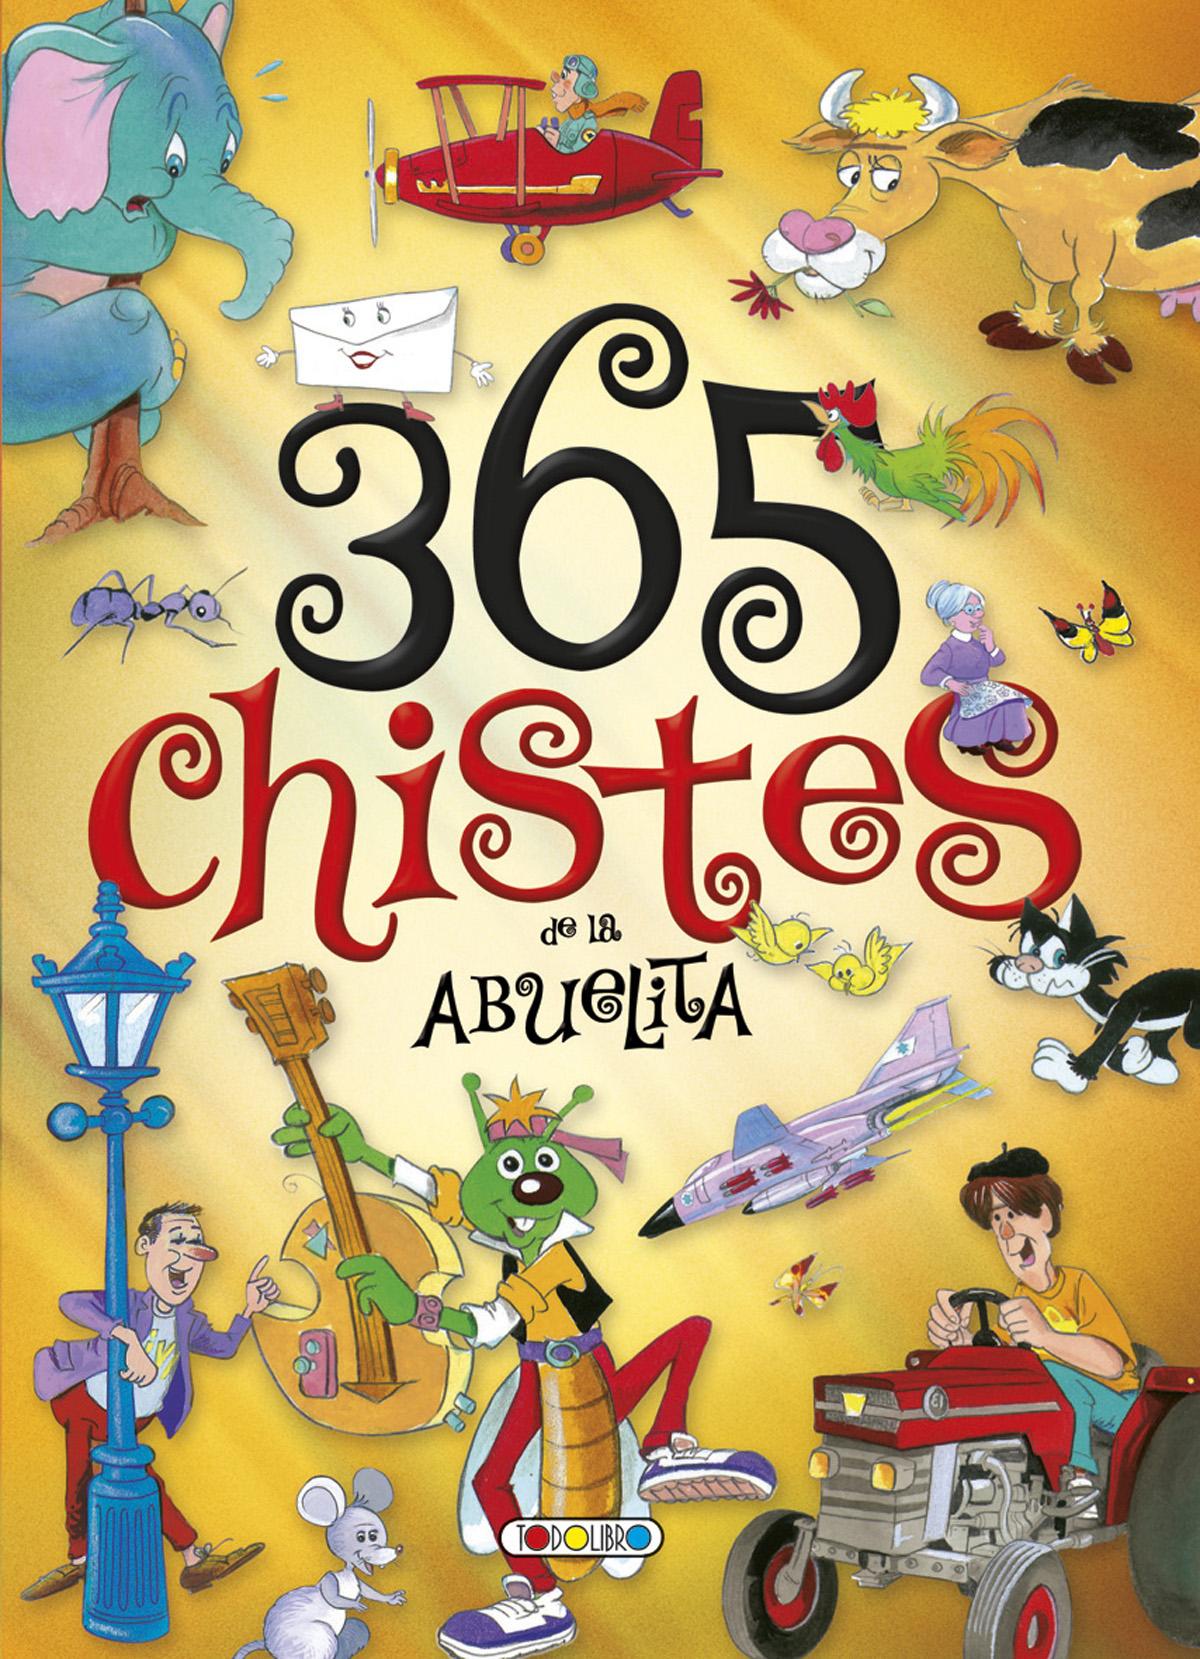 Libros de Chistes - Todolibro-Castellano - - Todo libro